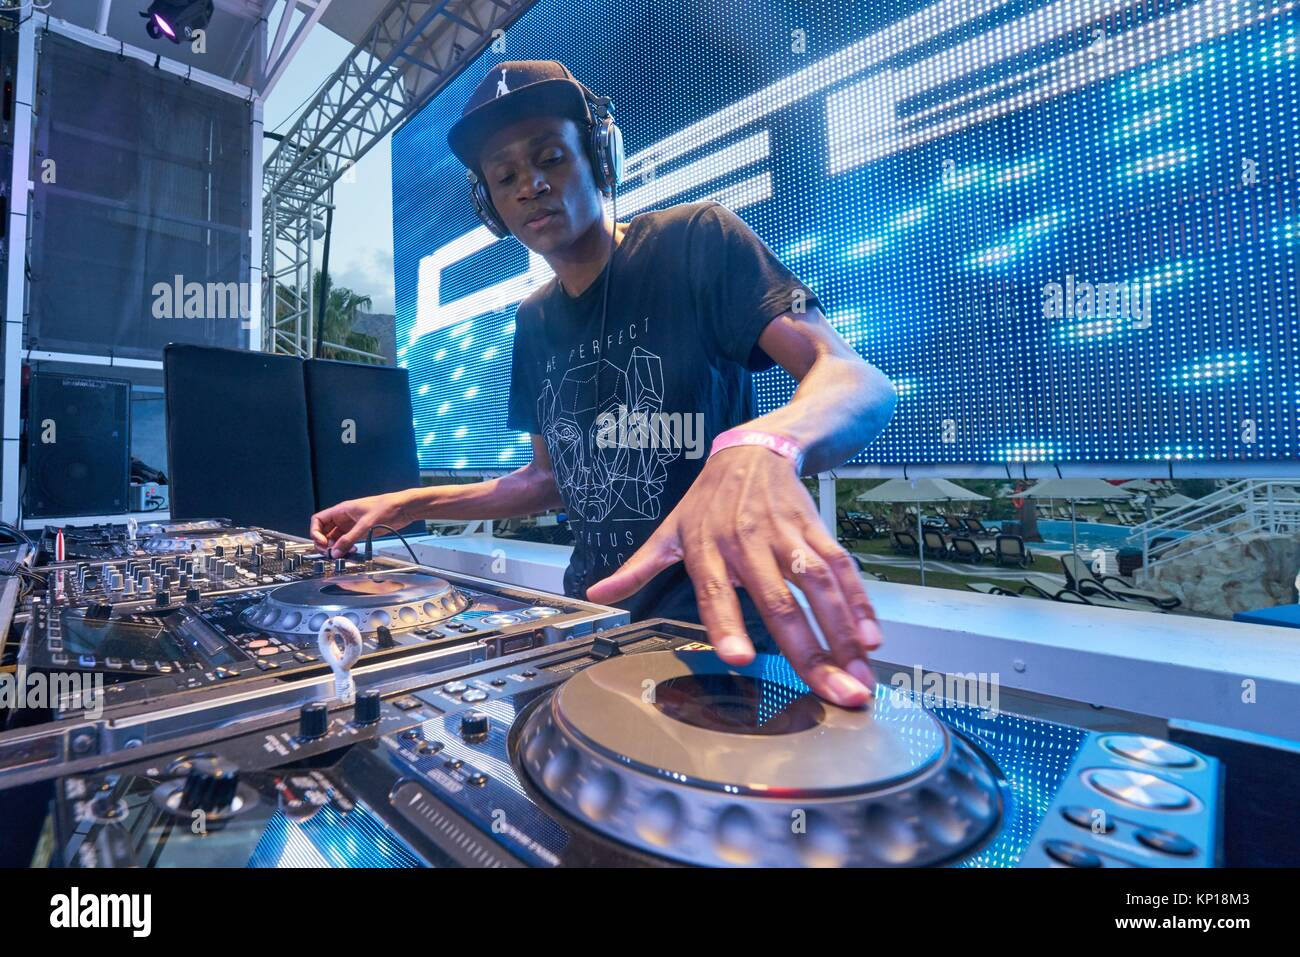 En el festival de música de DJ DebK Starbeach Lovestar Neon en Hersonissos, Creta, Grecia, el 23. Agosto 2017 Imagen De Stock